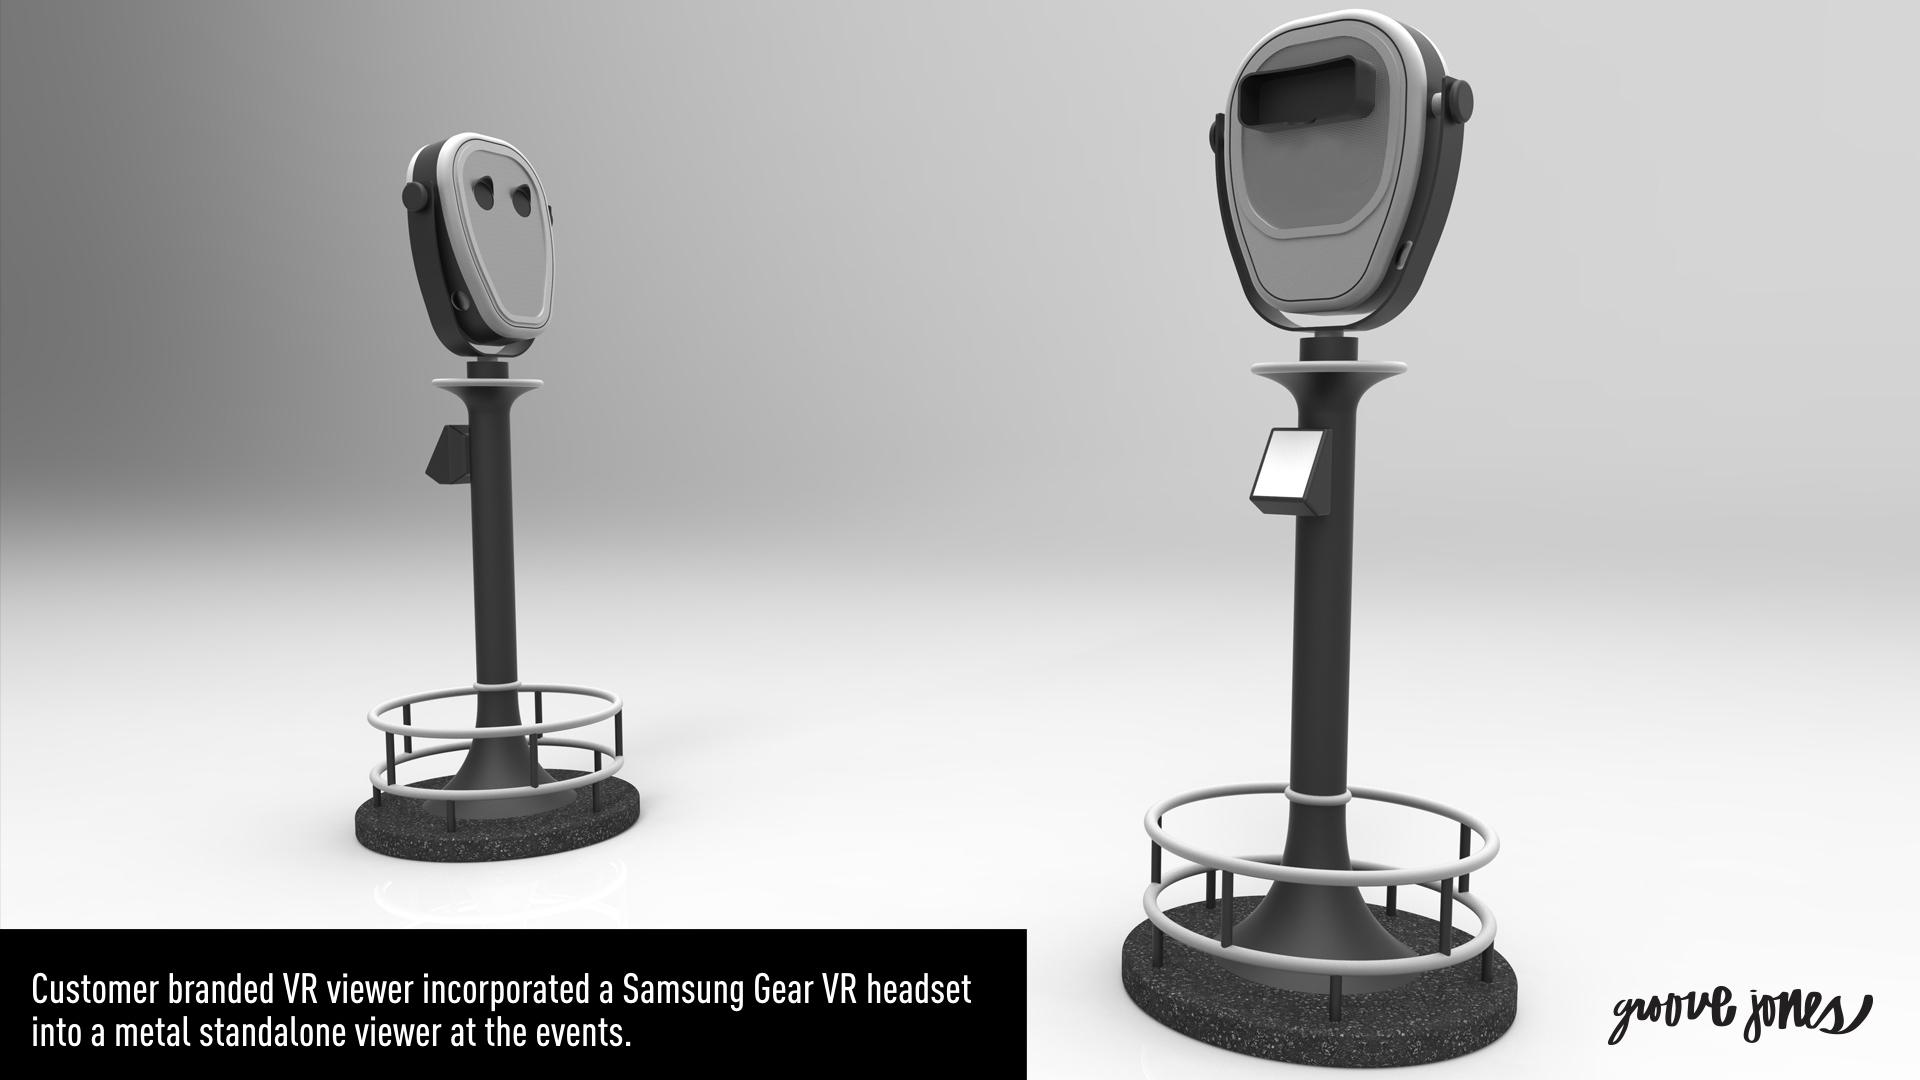 Samsung Gear VR Tower Viewer